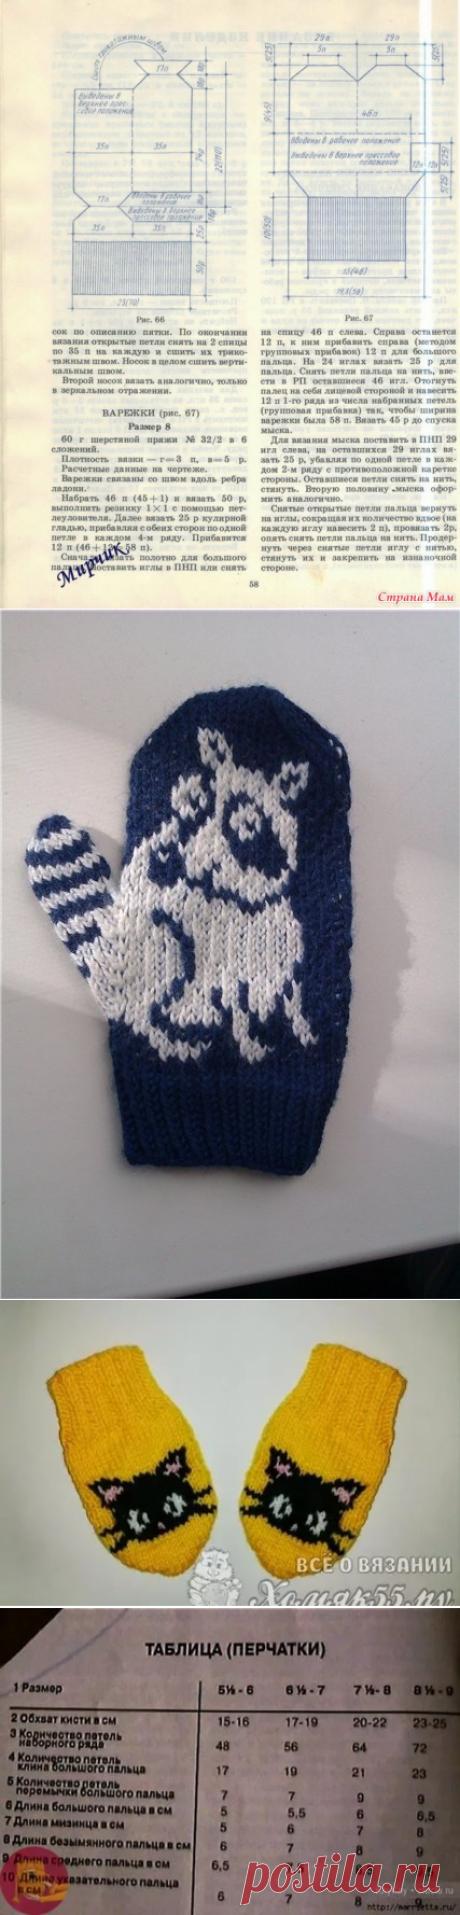 вязание варежек для детей 5 лет спицами: 6 тыс изображений найдено в Яндекс.Картинках